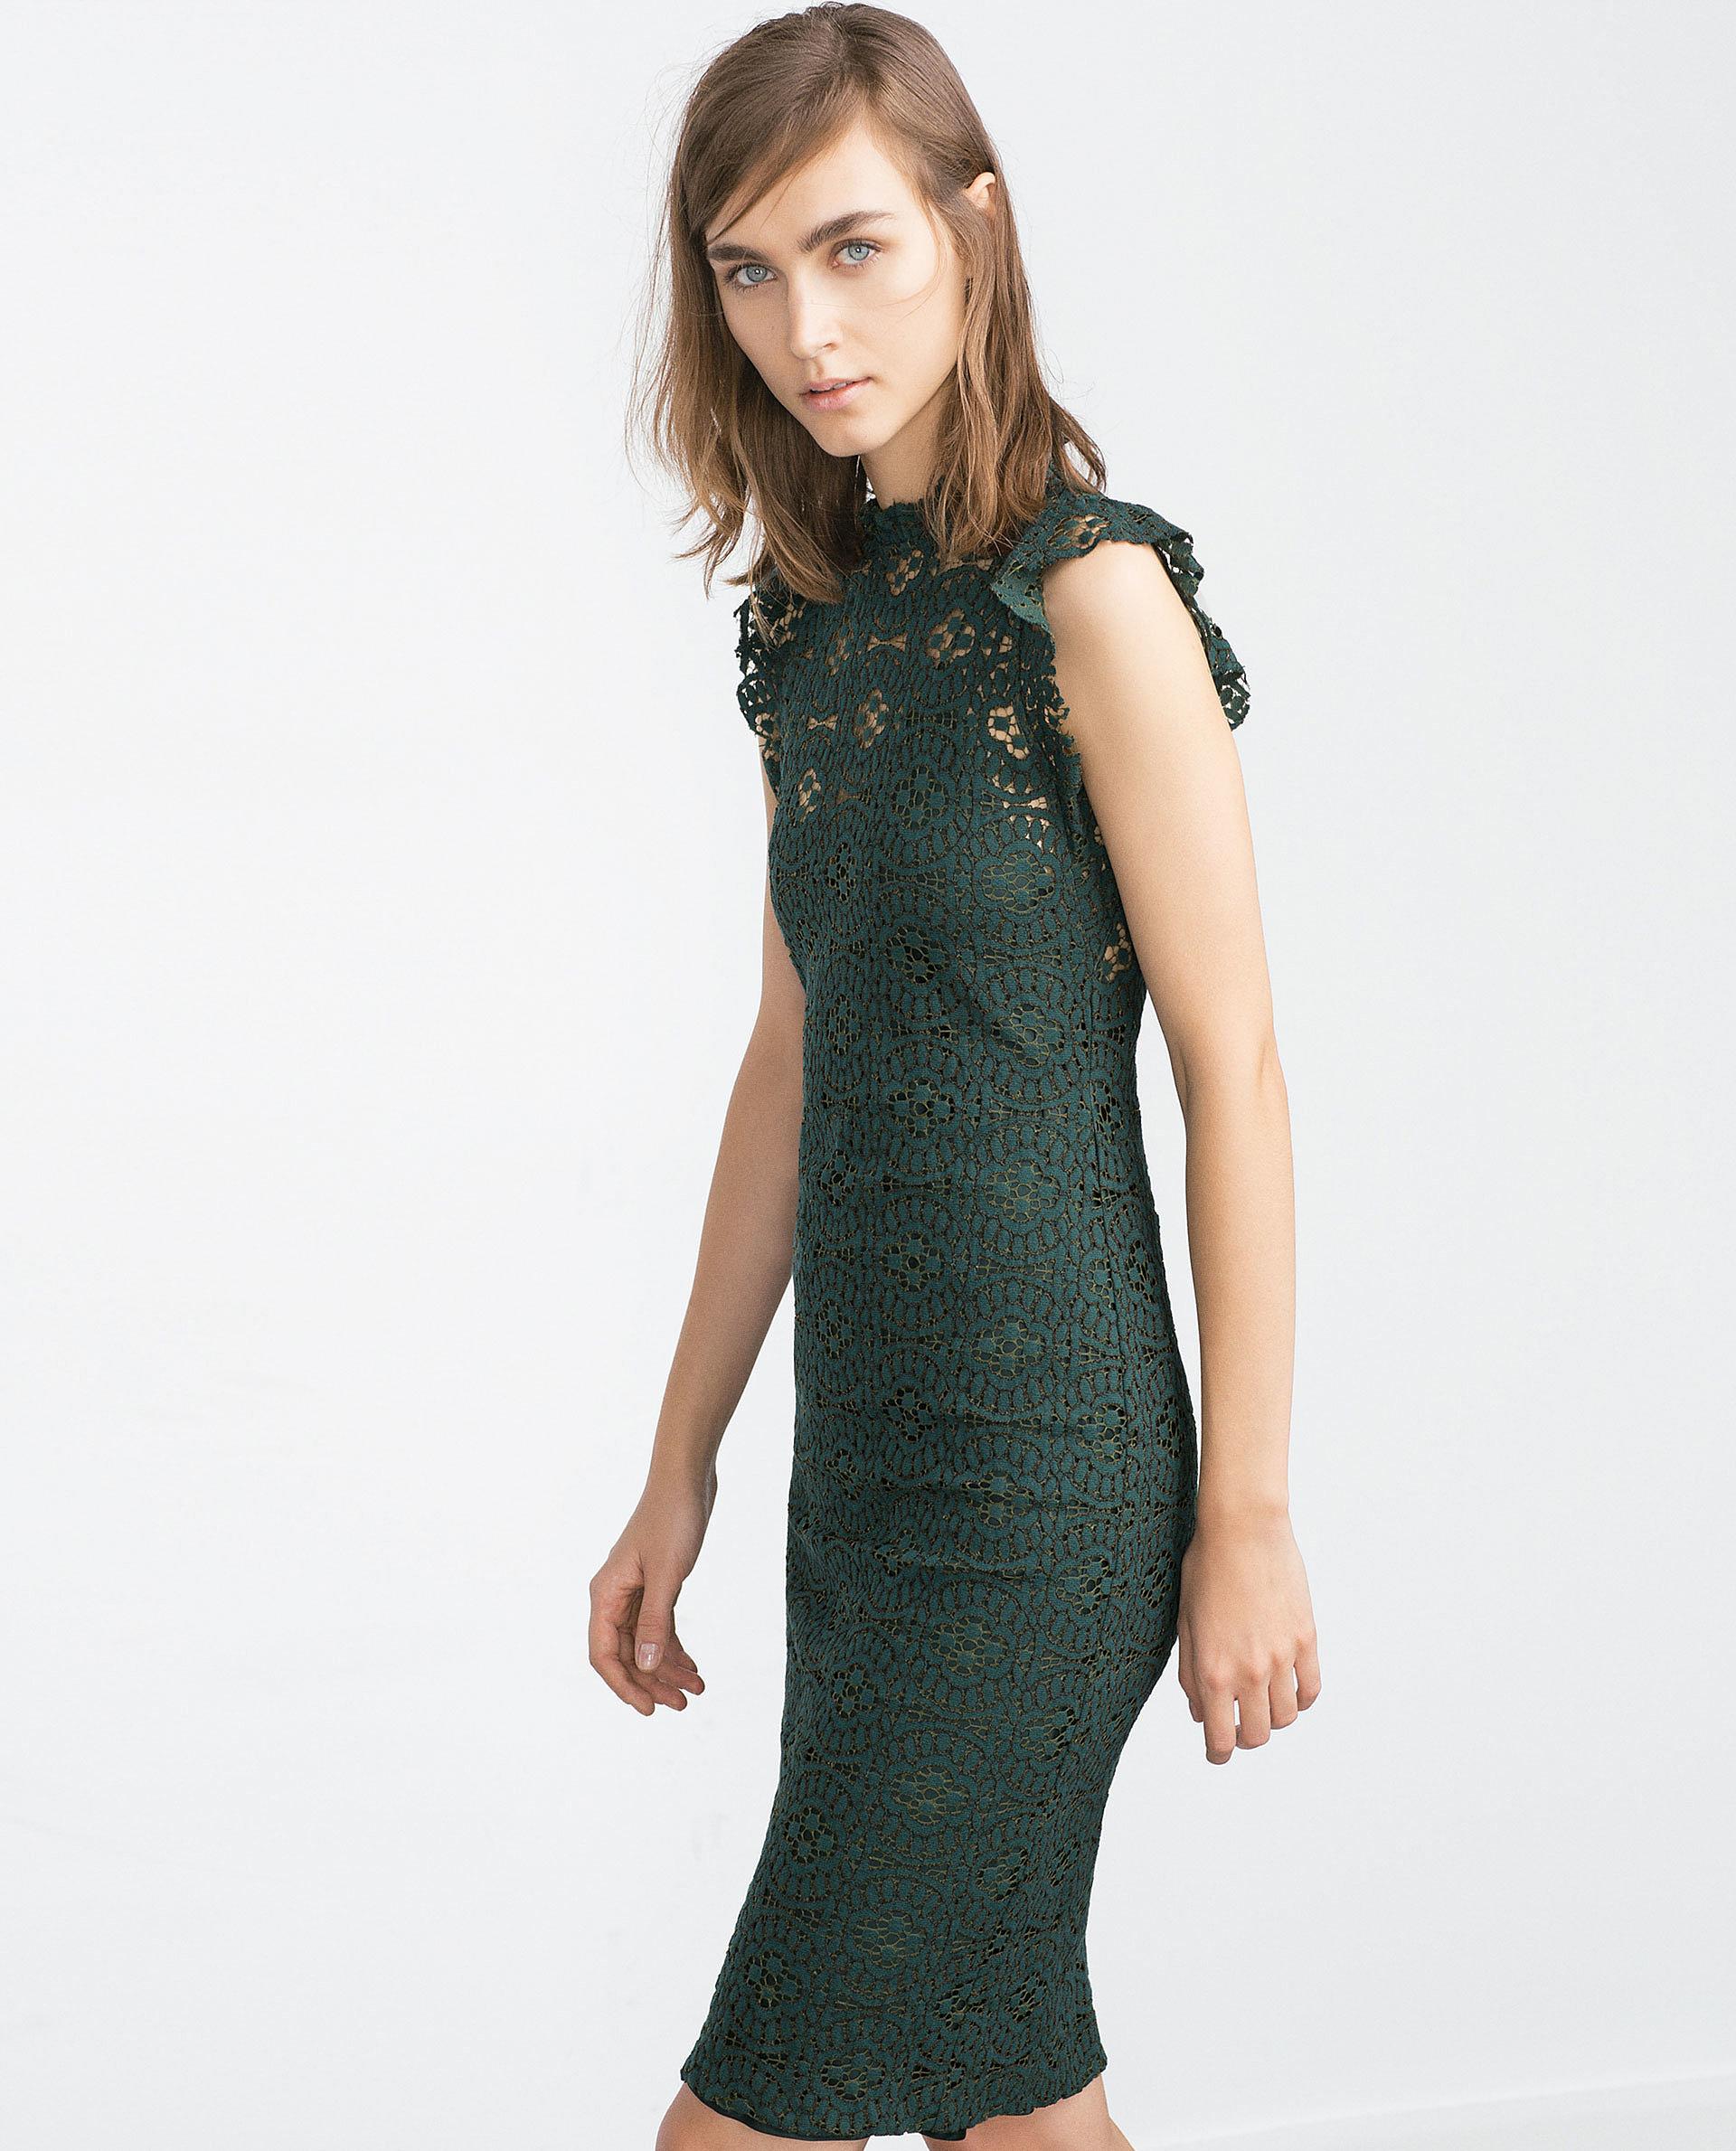 Zara Holiday Dresses 81